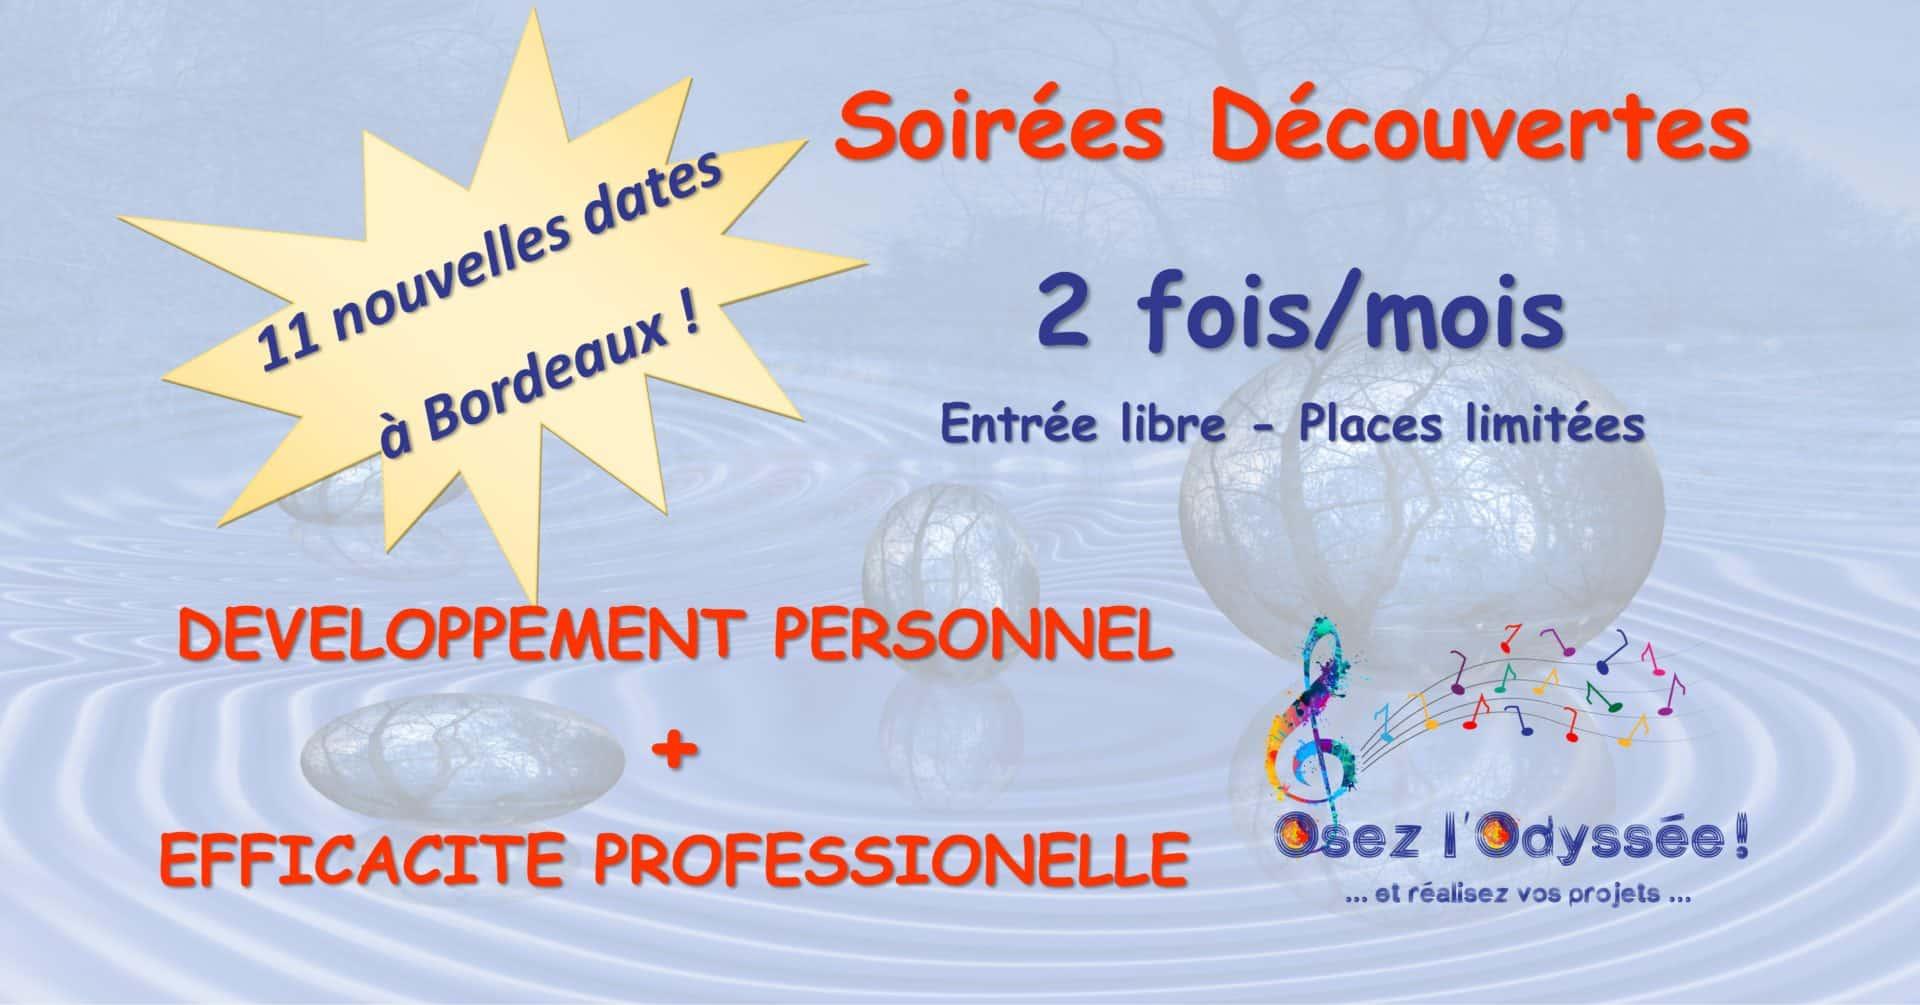 Soirées Développement Perso Pro à Bordeaux 2018 Coaching Osez l'Odyssée